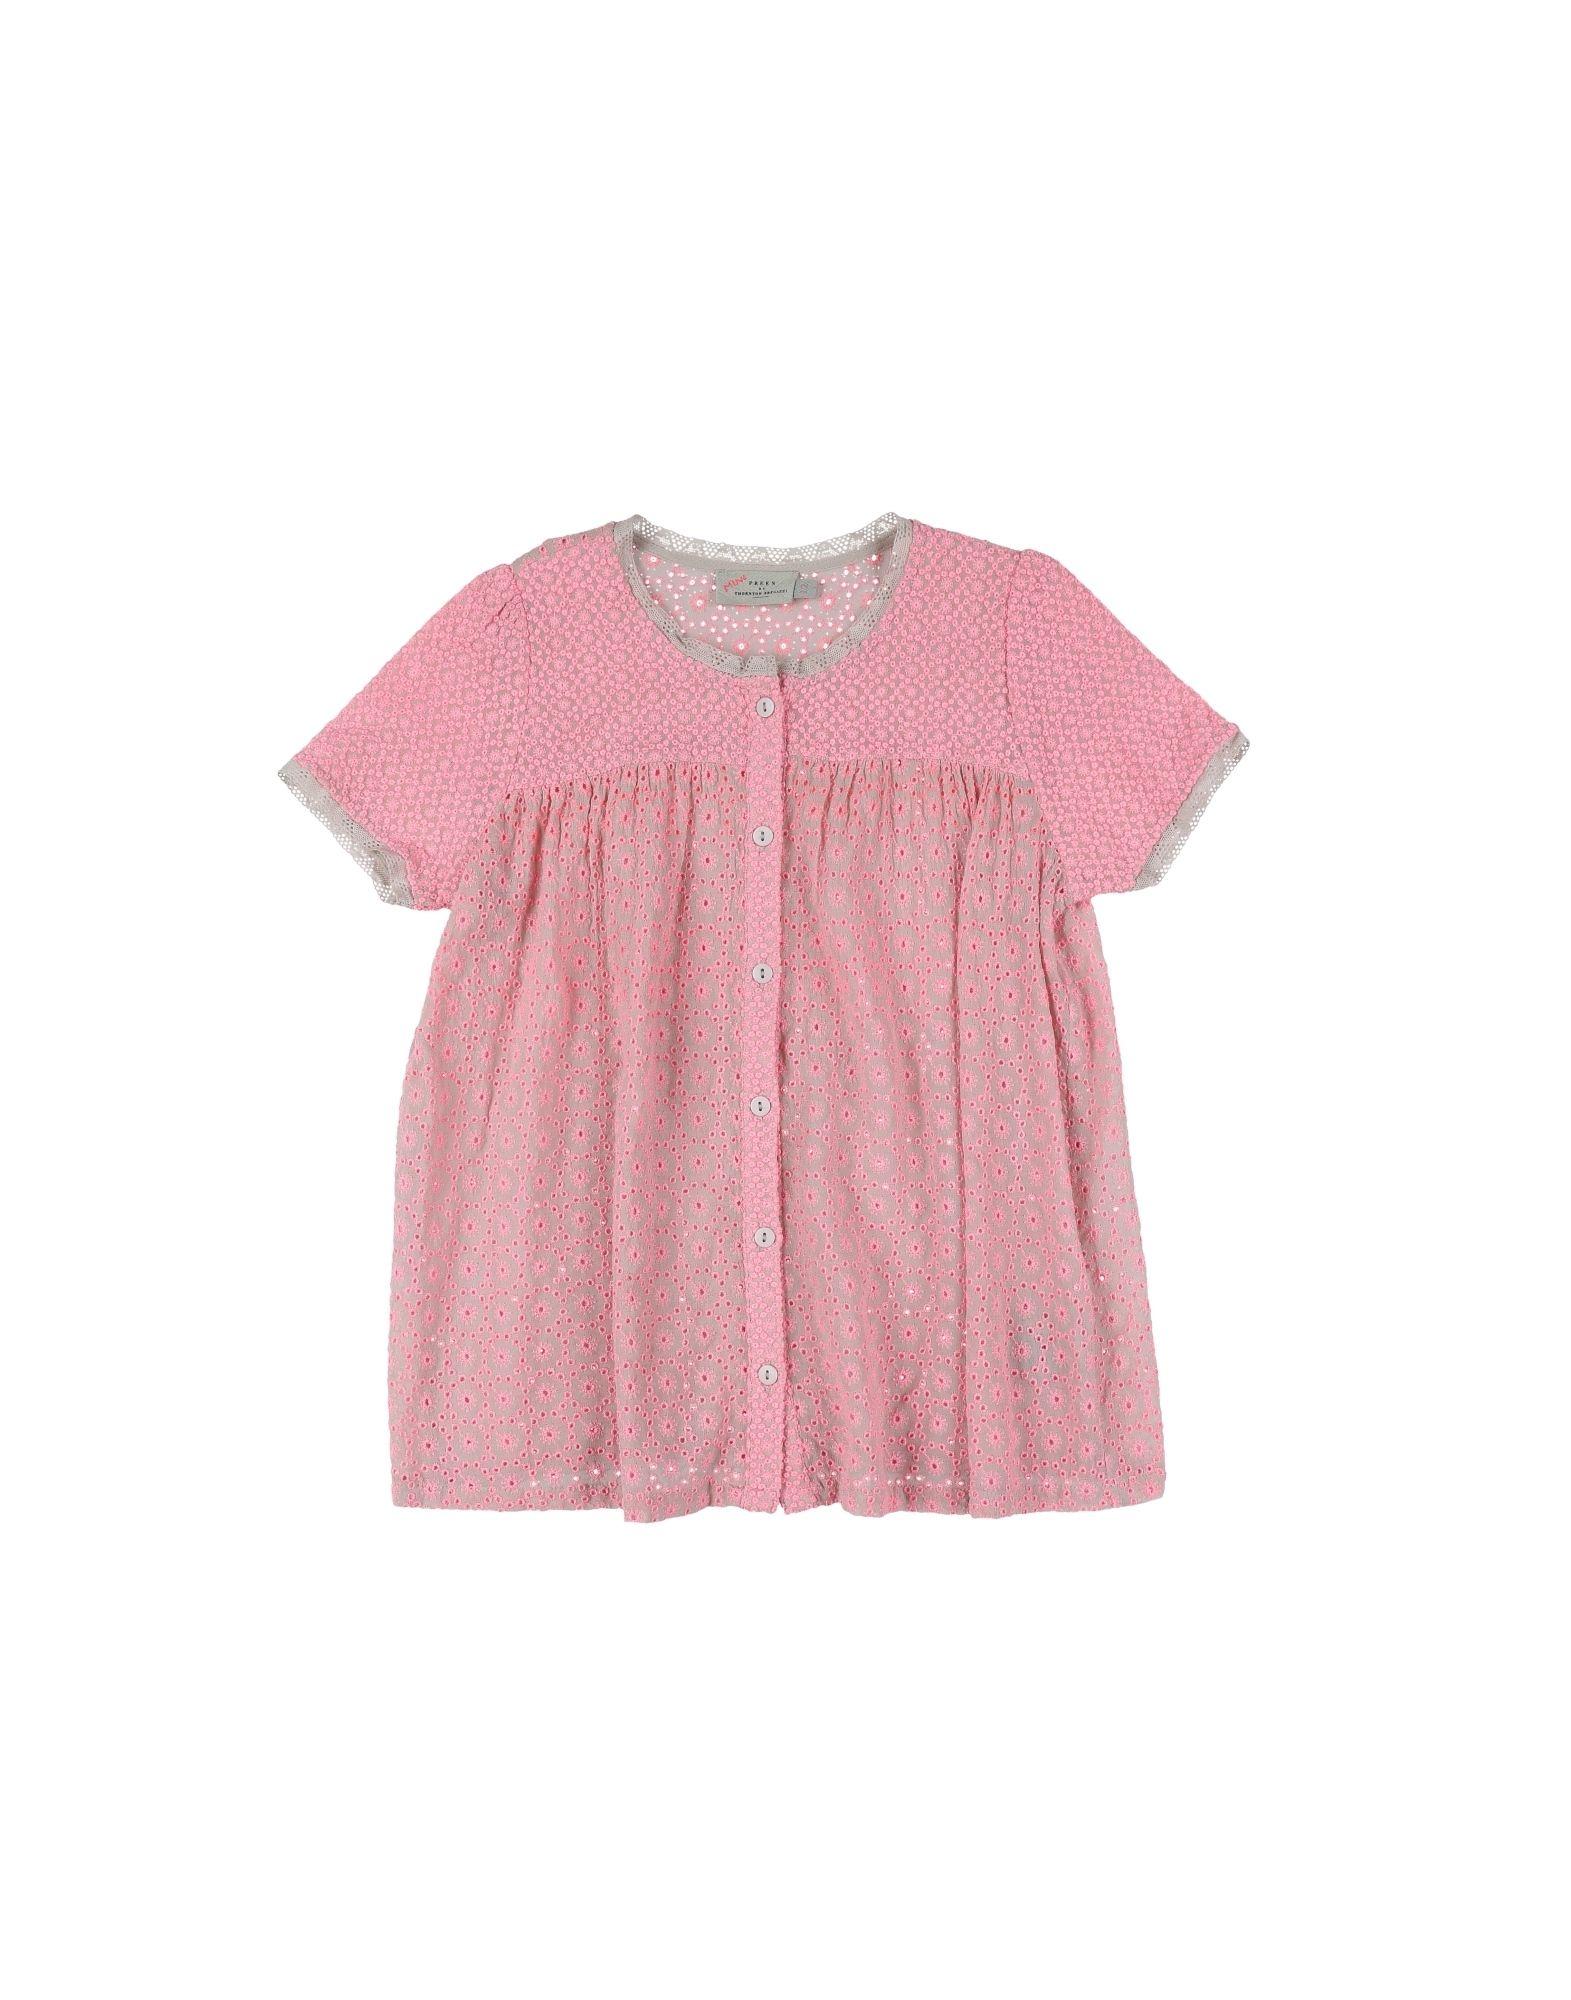 PREEN by THORNTON BREGAZZI Mädchen 9-16 jahre Hemd Farbe Rosa Größe 4